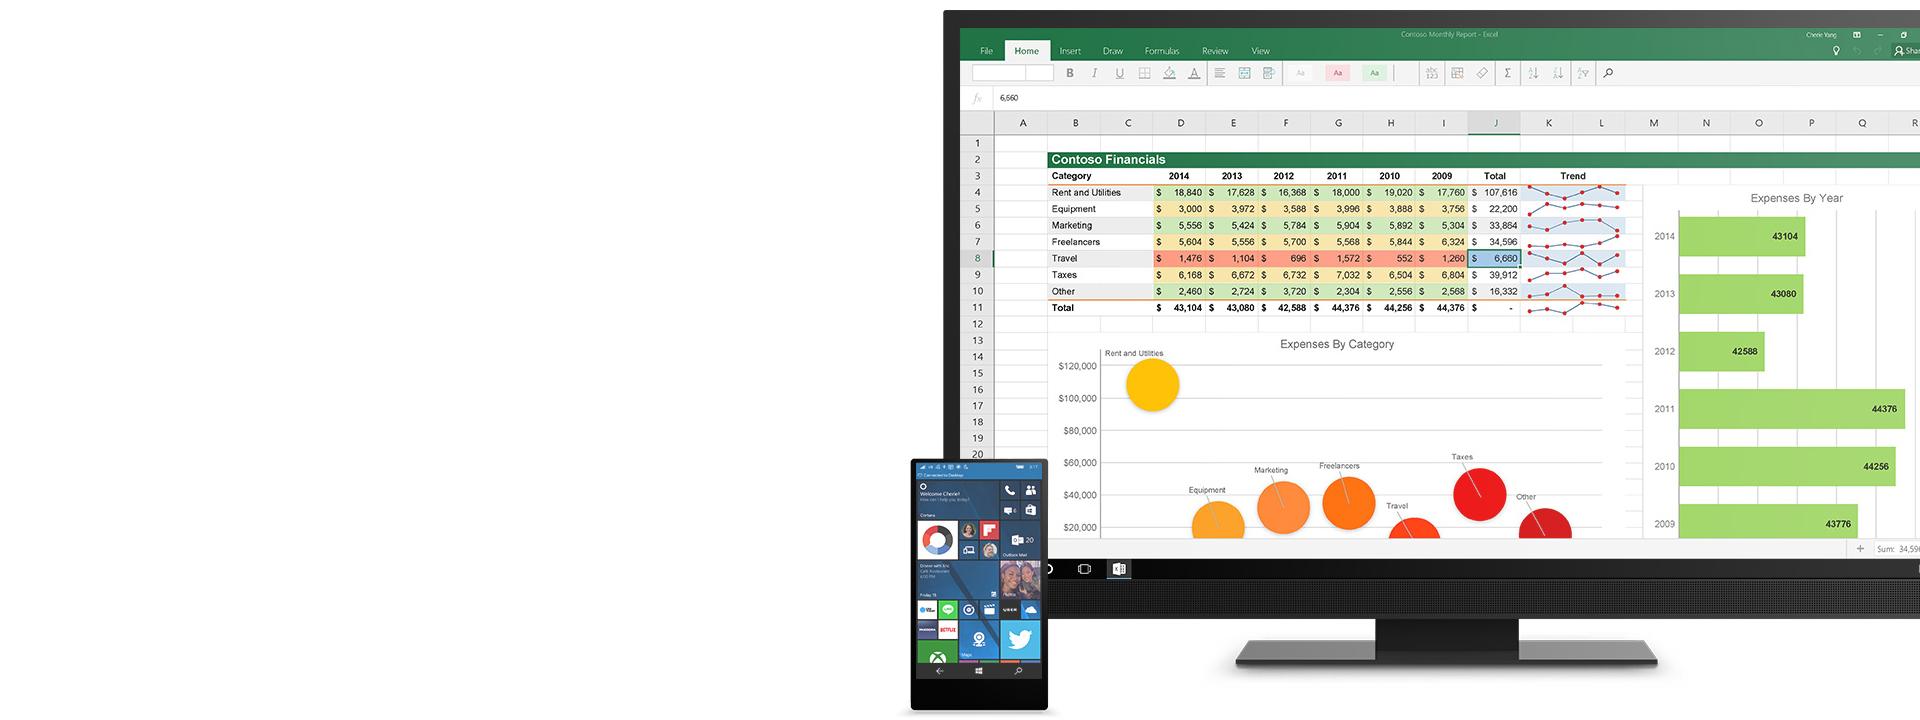 : Počítač a telefón s Windowsom 10 v ponuke Štart podporujúcej technológiu Continuum